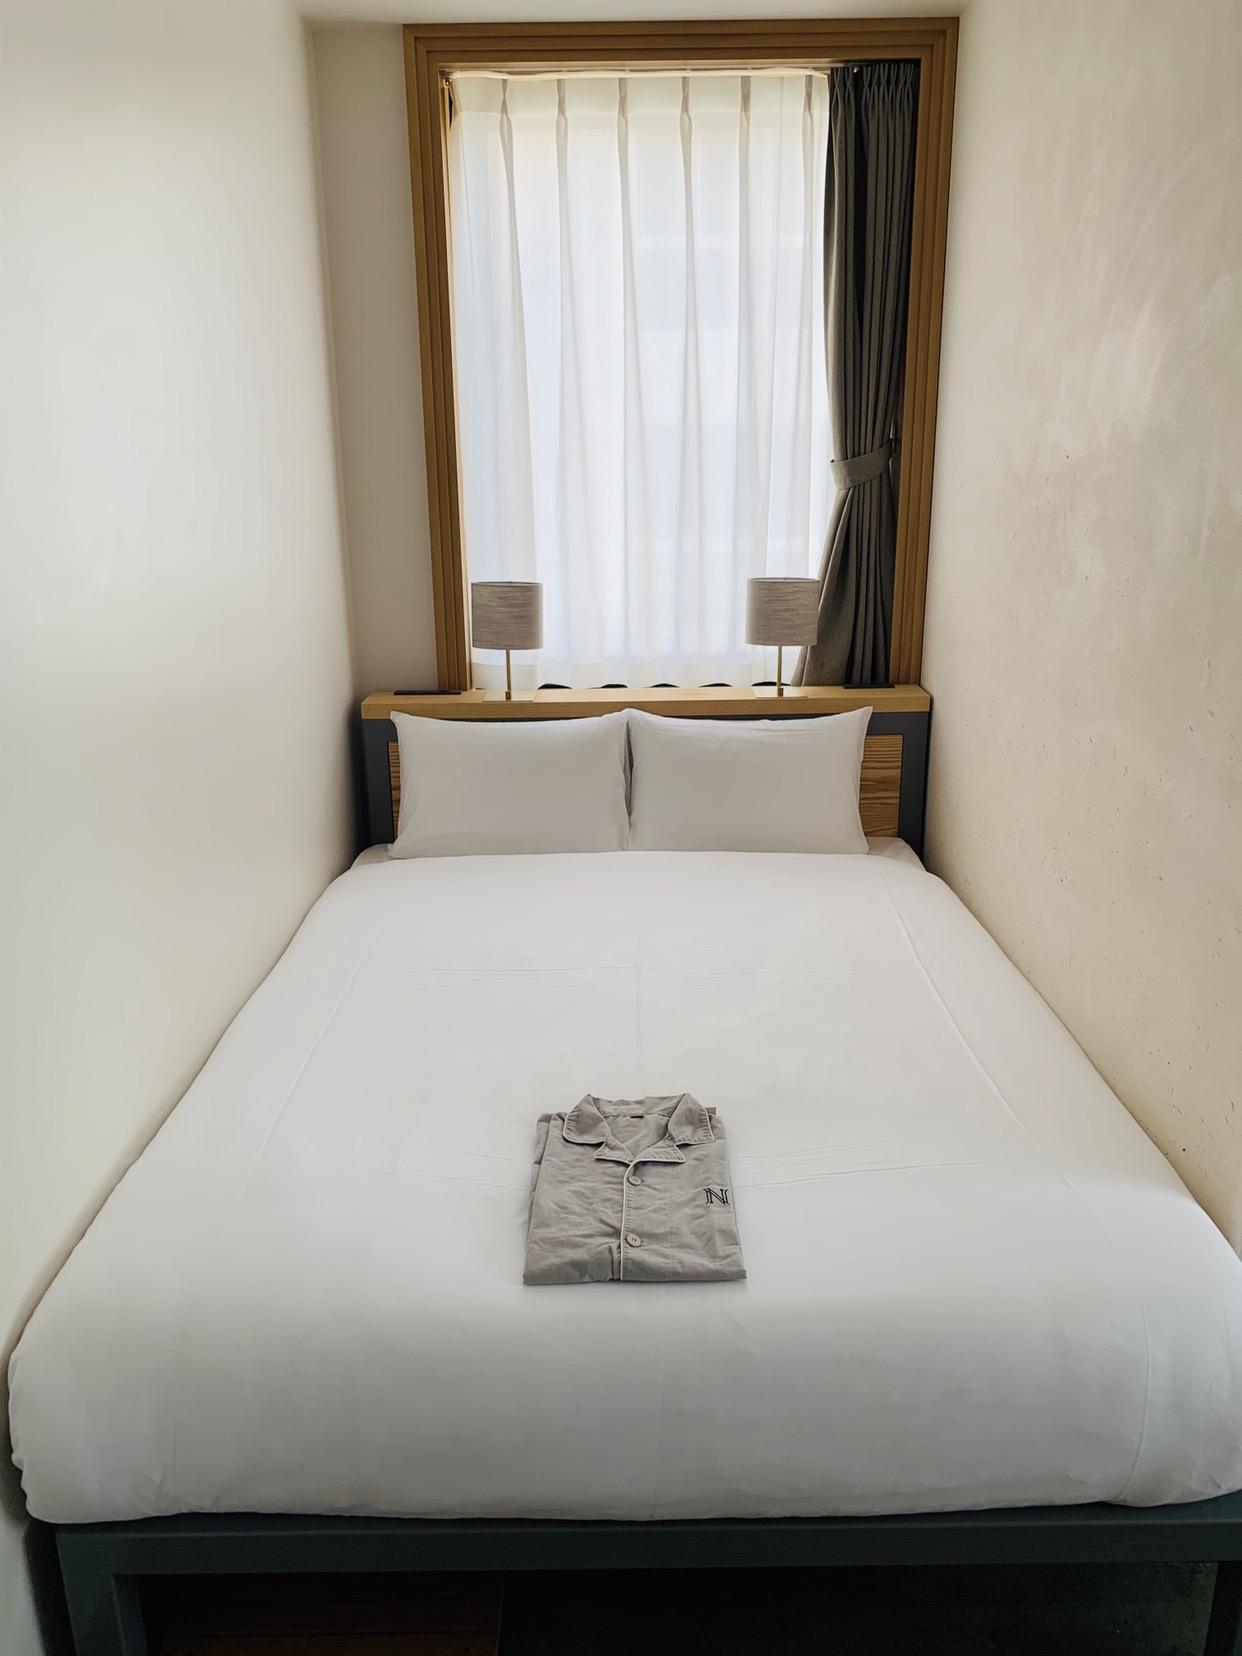 L字型のお部屋で、ベッドがすっぽり壁との間に収まっているのが落ち着けて良かったです。